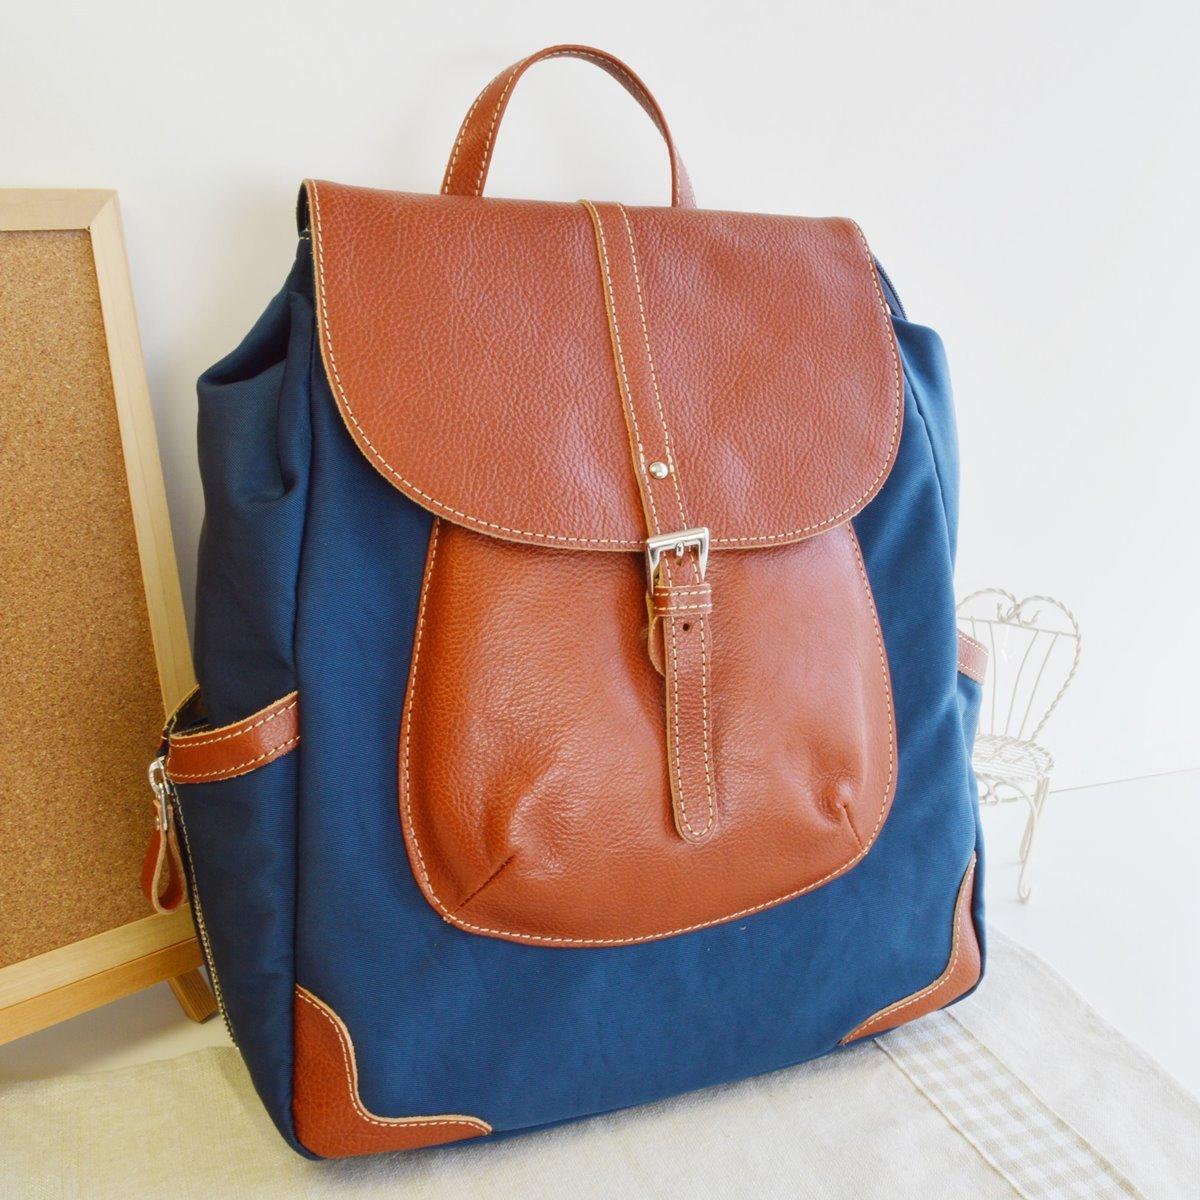 本革 リュック リュックサック ブルーオレンジ 牛革使用 日本製 No2634 人気 通勤 通学バッグ レディースバッグ (鞄 かばん バッグ)   B072Q37P22